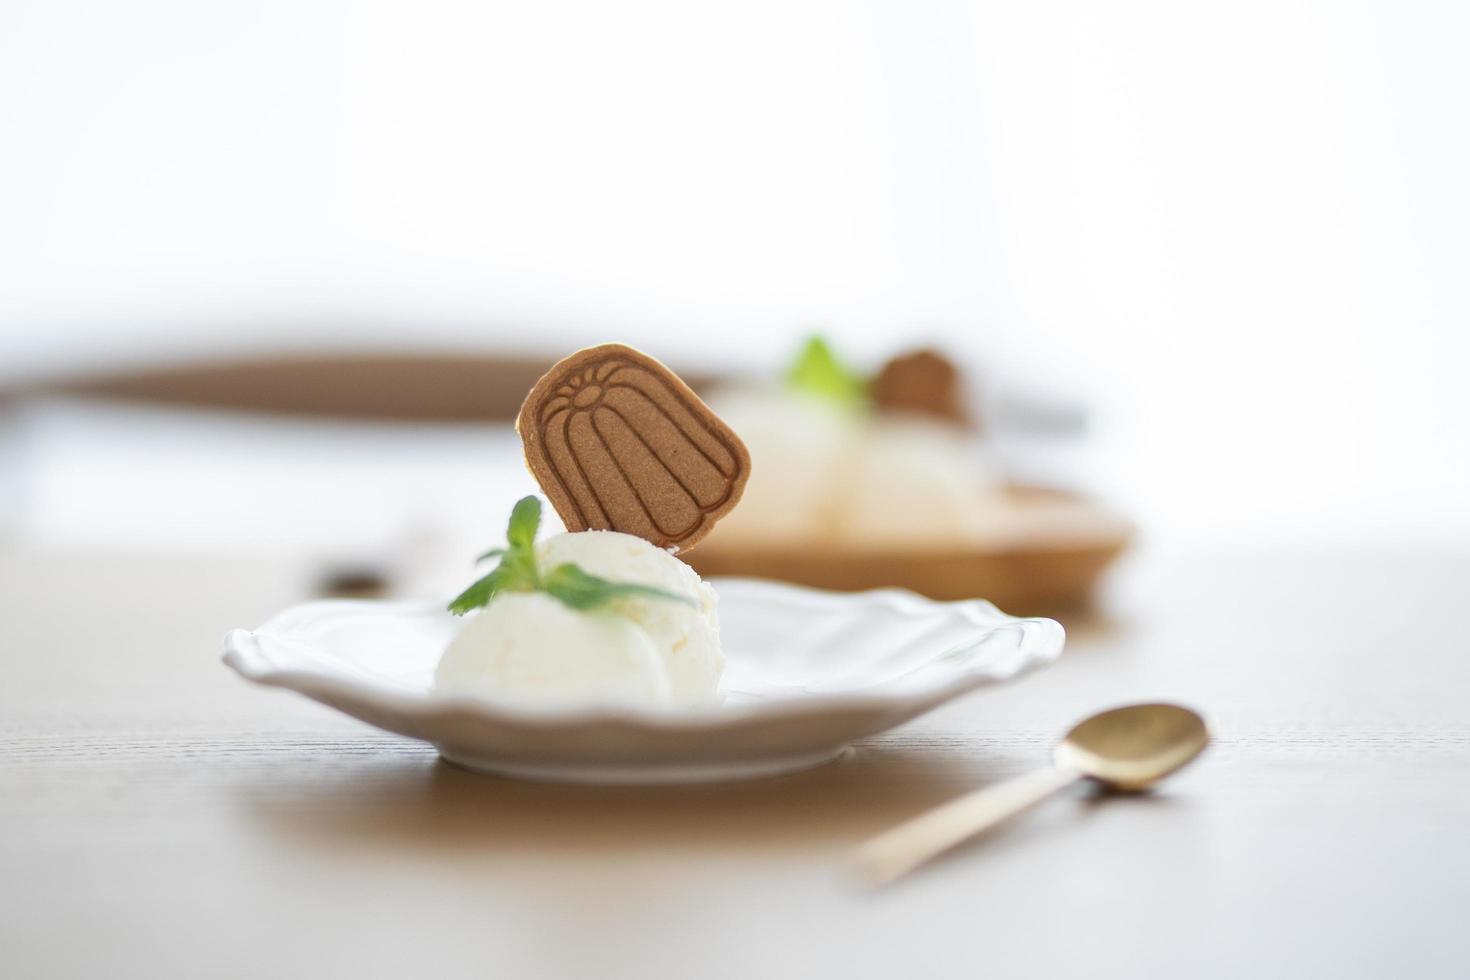 gelato con biscotto sul piatto foto